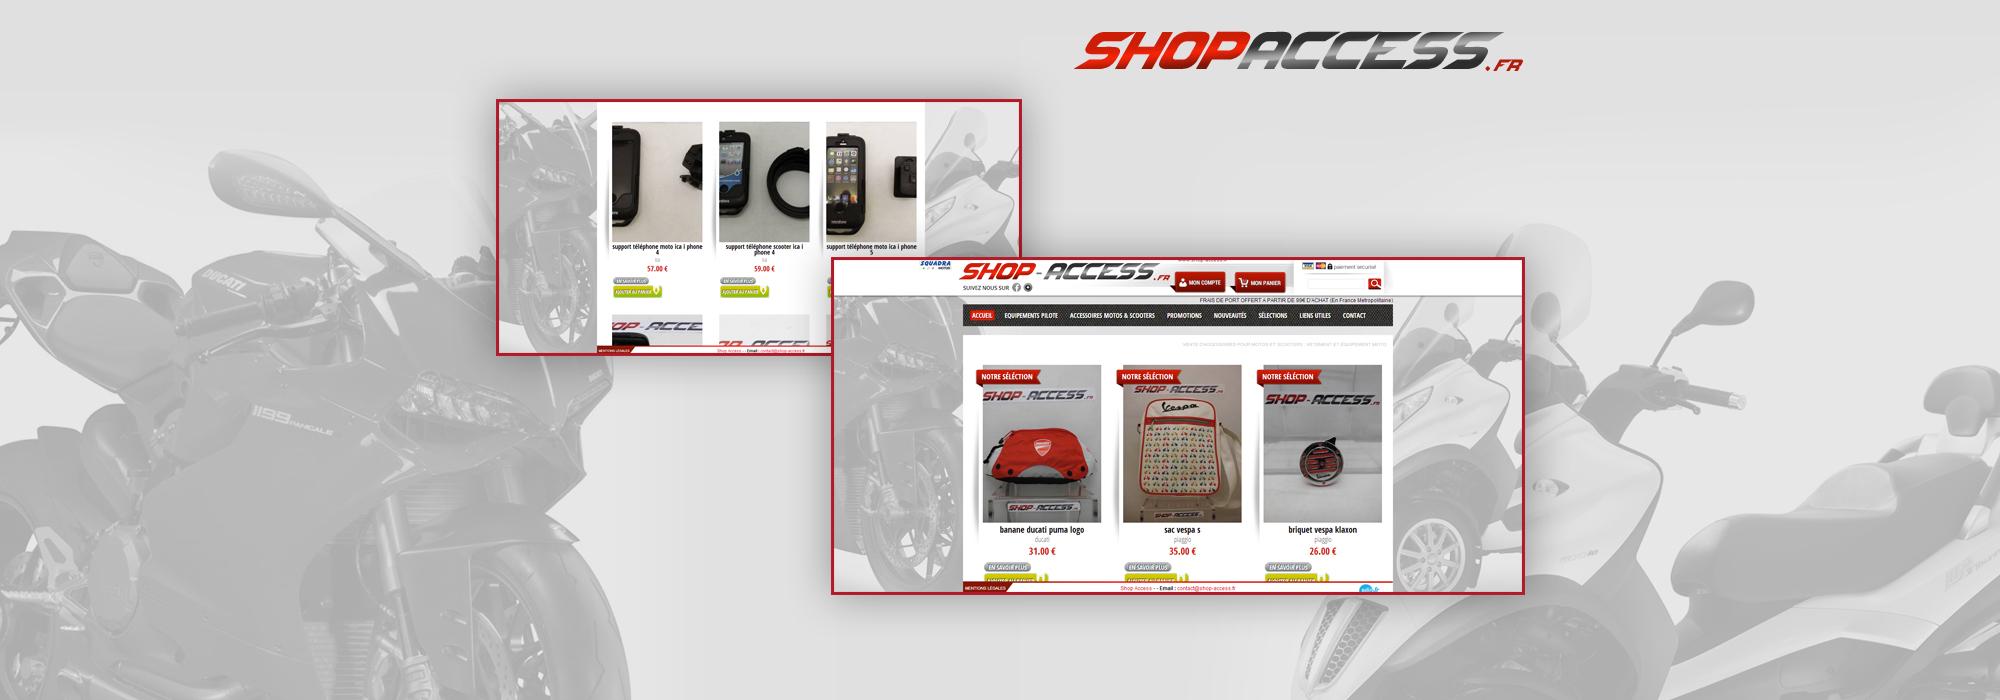 Boutique en ligne d'équipement et d'accessoire pour moto et scooter – Shop Access